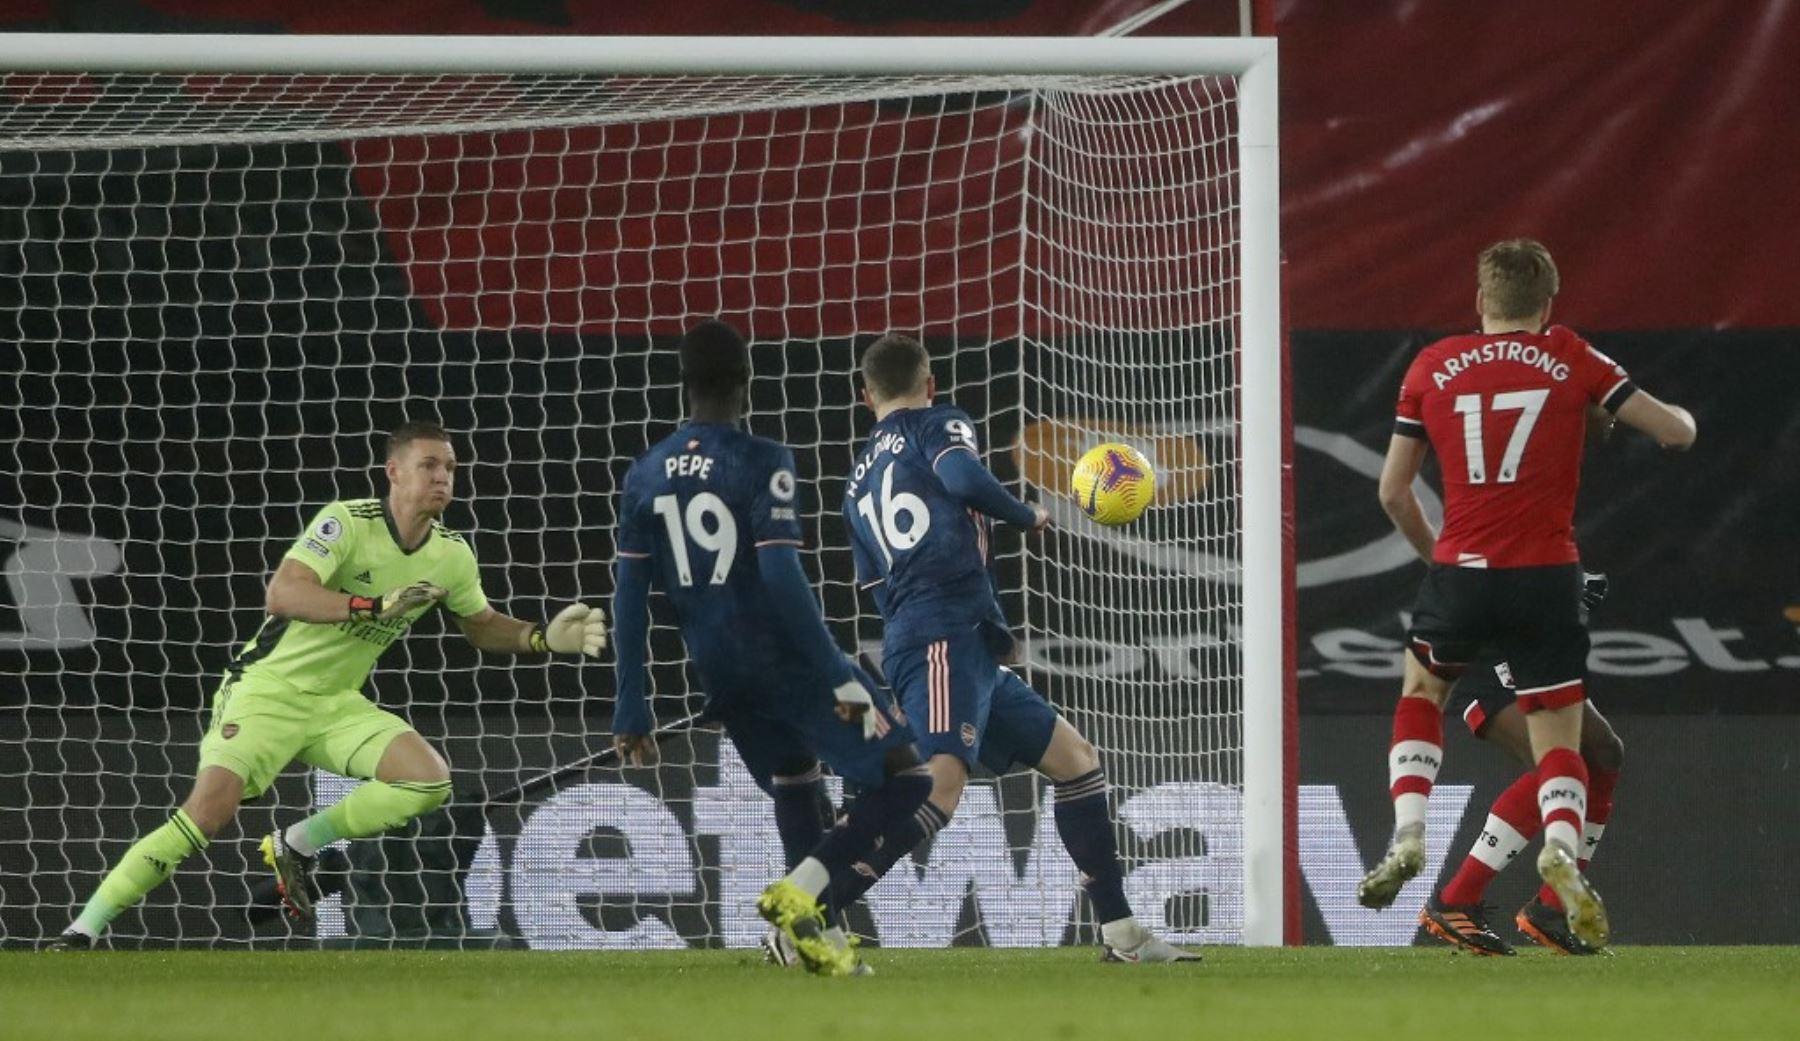 El centrocampista escocés de Southampton Stuart Armstrong marca el gol de apertura durante el partido de fútbol de la Premier League inglesa entre Southampton y Arsenal en St Mary